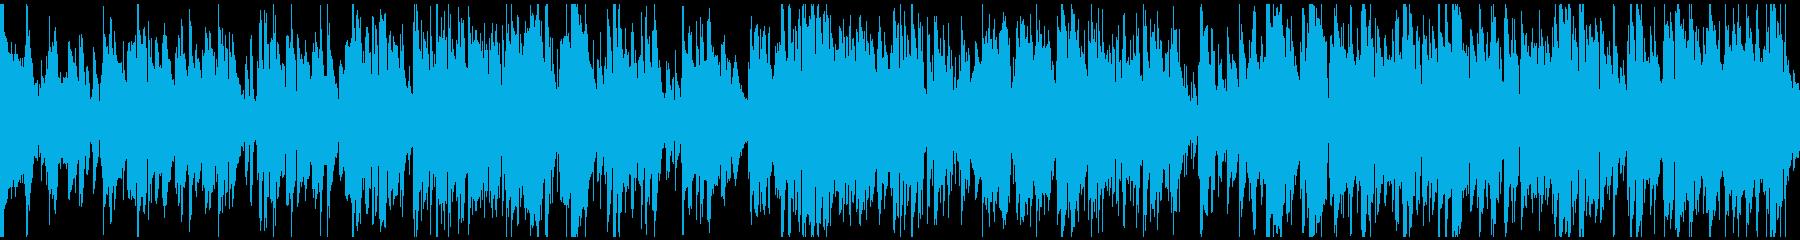 上品な大人のゆったり系ジャズ ※ループ版の再生済みの波形